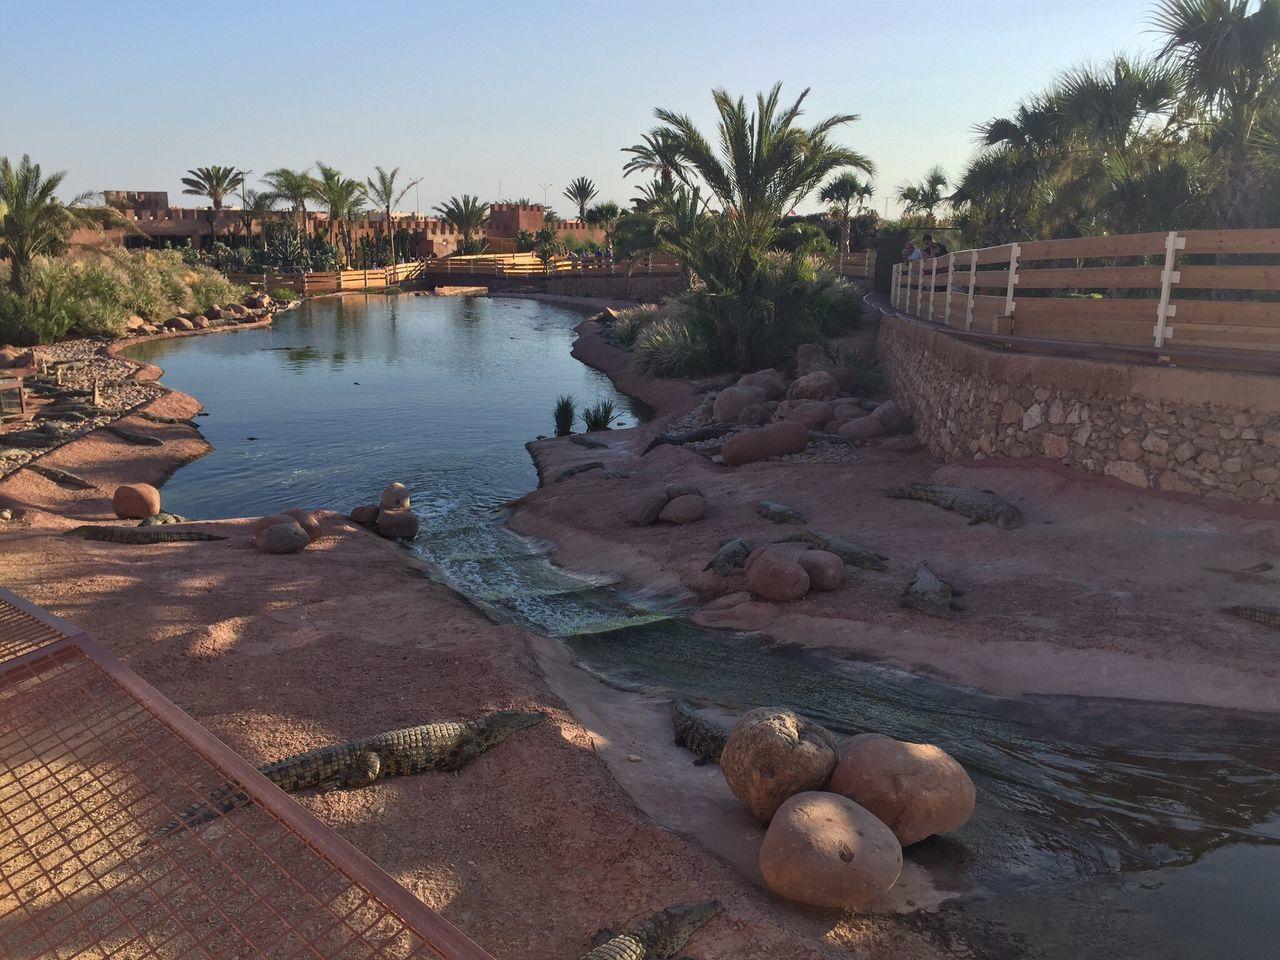 Maroc Enjoying The View Landscape Lake EyeEm Nature Lover Nature Amazing ~ Paradise Crocodile IPhoneography Miles Away